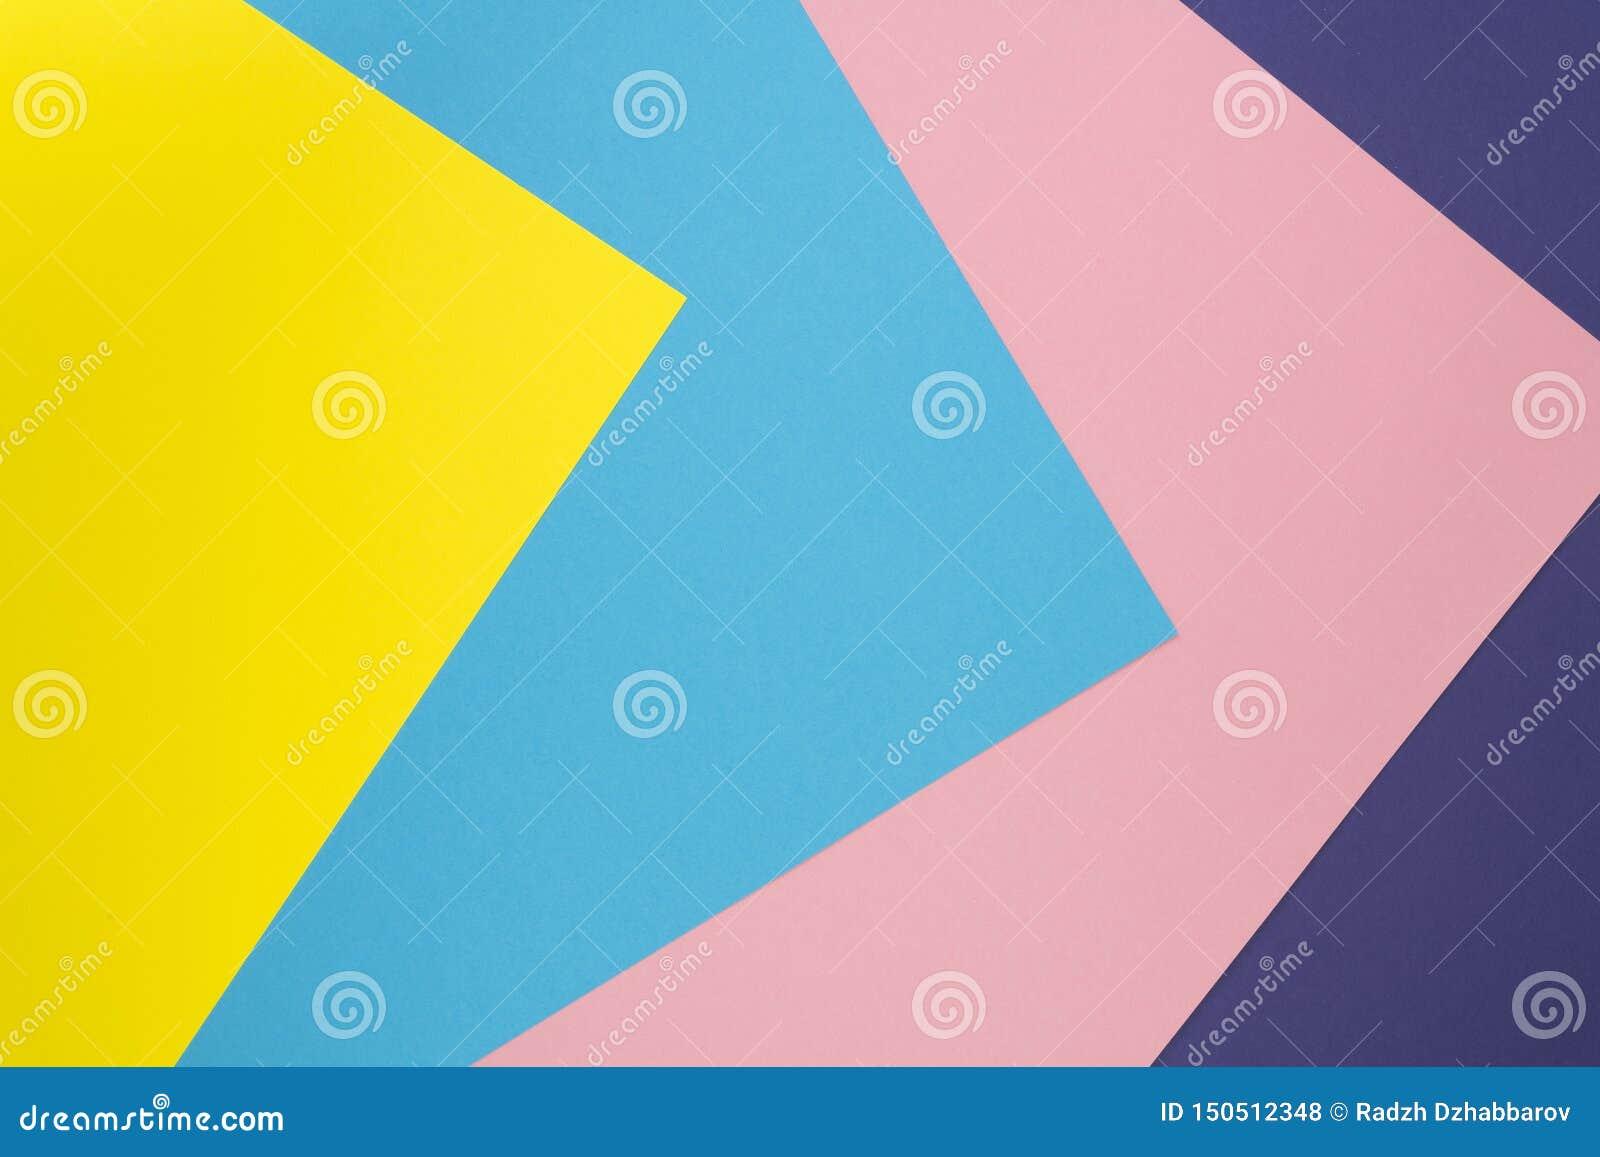 Texture de papier de couleur en pastel Fond géométrique créatif de configuration plate Configuration plate